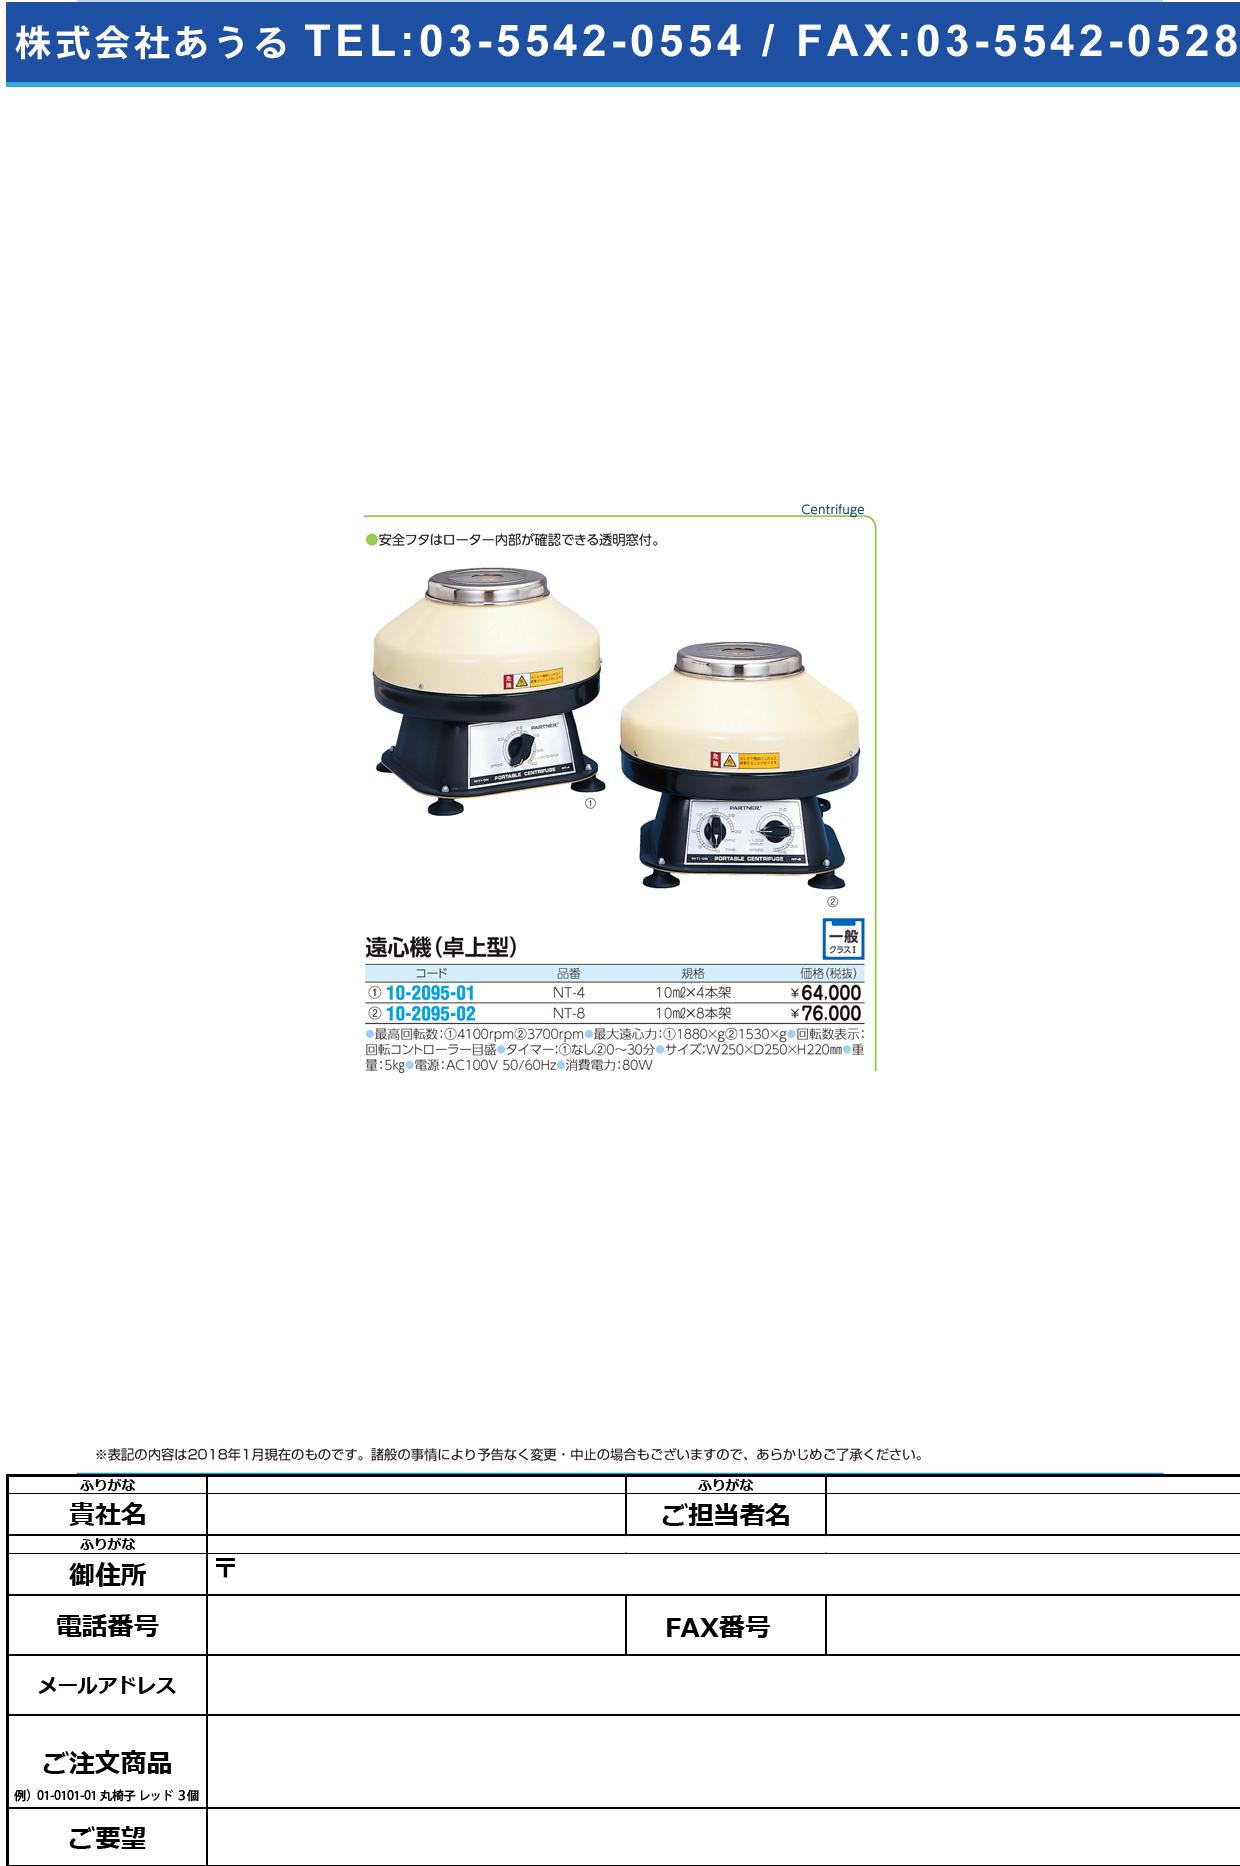 (10-2095-02)卓上遠心機 NT-8(10MLX8ホンカ) エンシンキ【1台単位】【2018年カタログ商品】